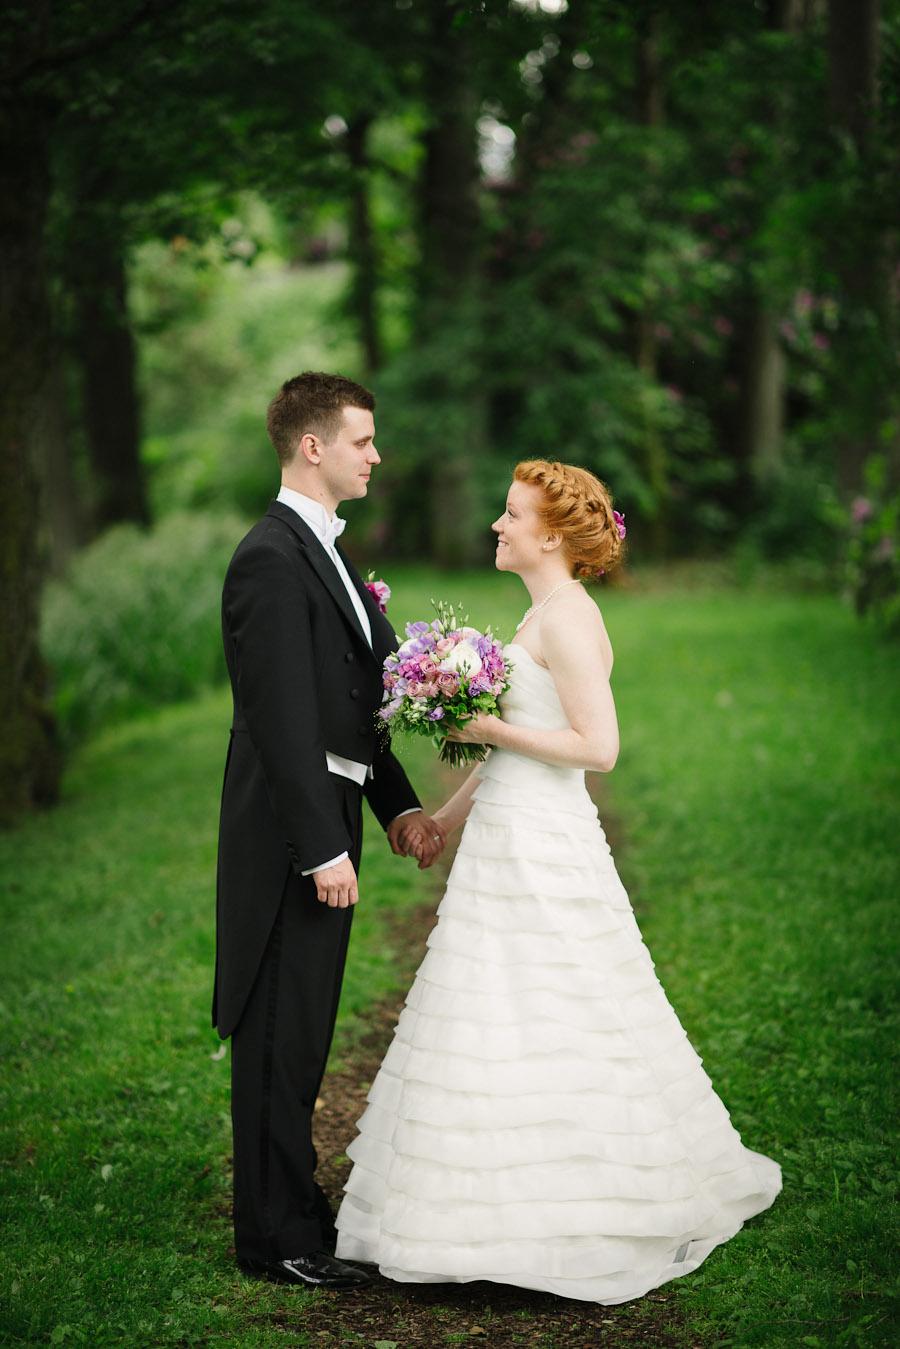 Agnes och Patrik gifte sig den 16/6 i Alingsås, jag var deras bröllopsfotograf